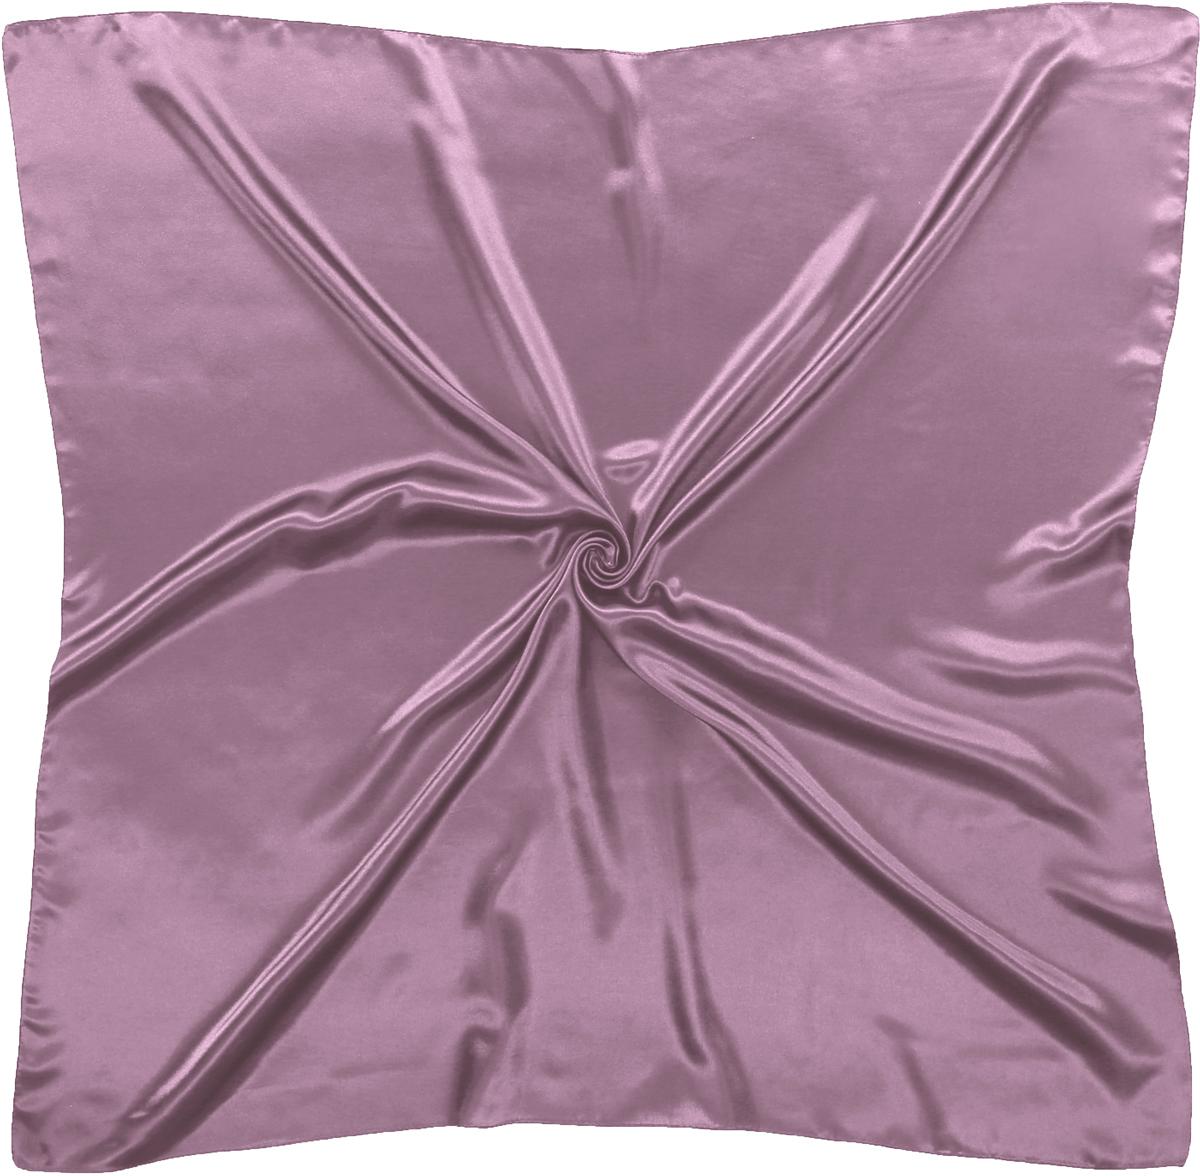 Платок женский Модные истории, цвет: сиреневый. 23/0582/164. Размер 90 см x 90 см